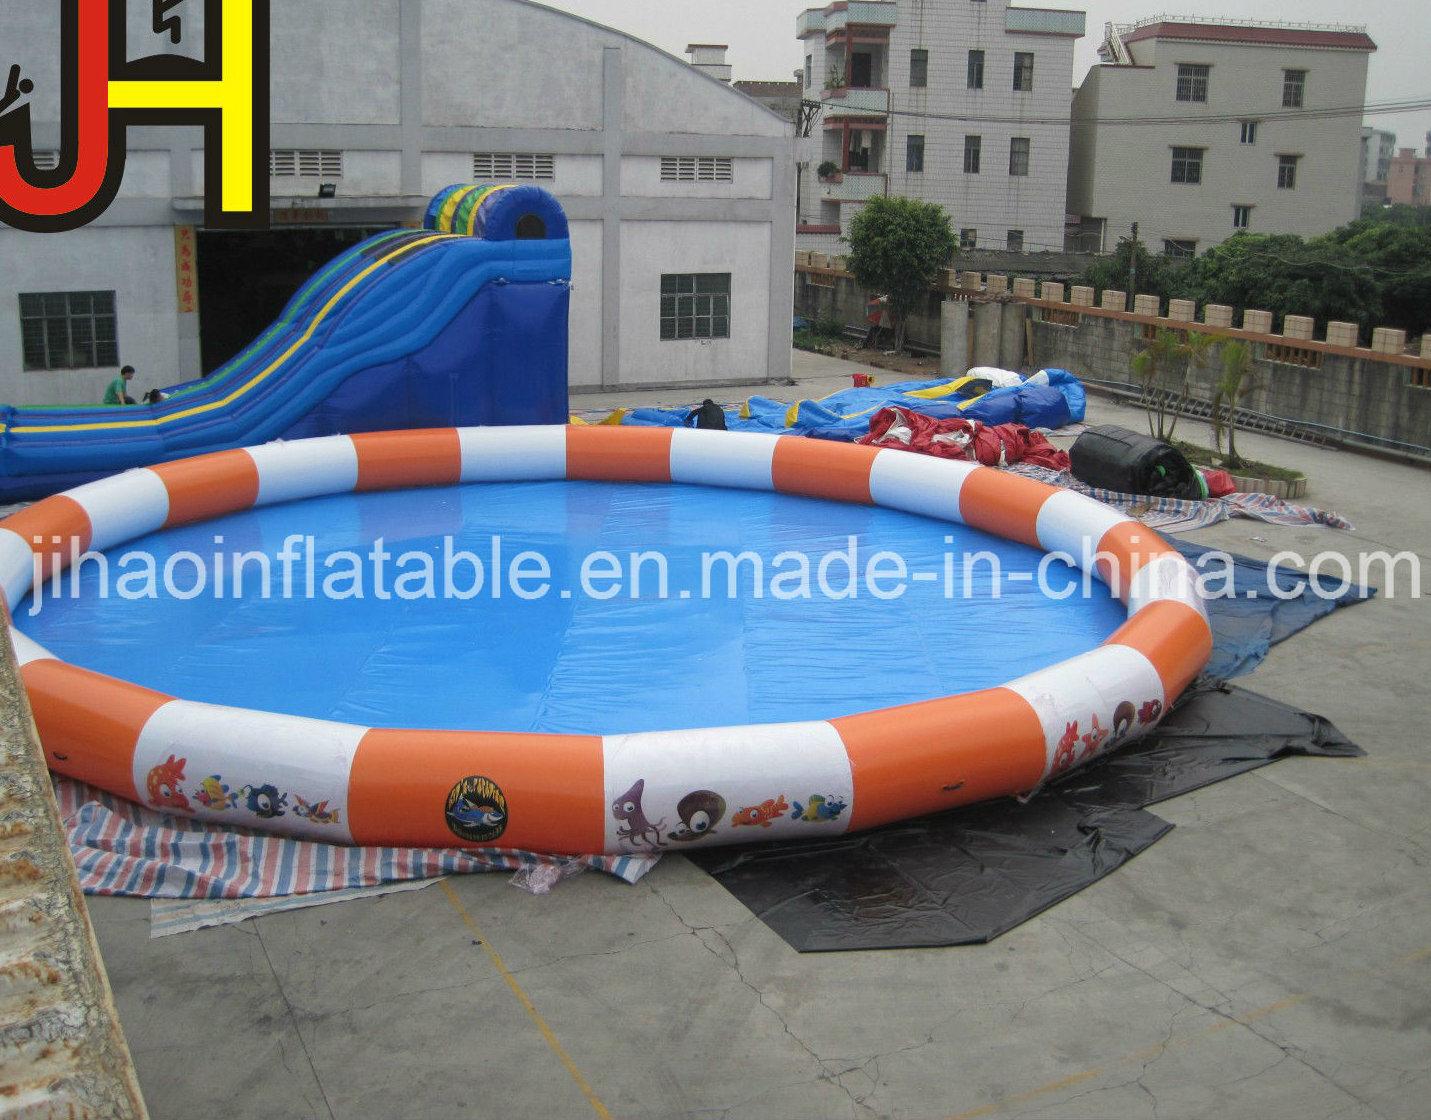 Chine Piscine Ronde Gonflable Colorés Pour Enfants Et ... pour Toboggan Gonflable Pour Piscine